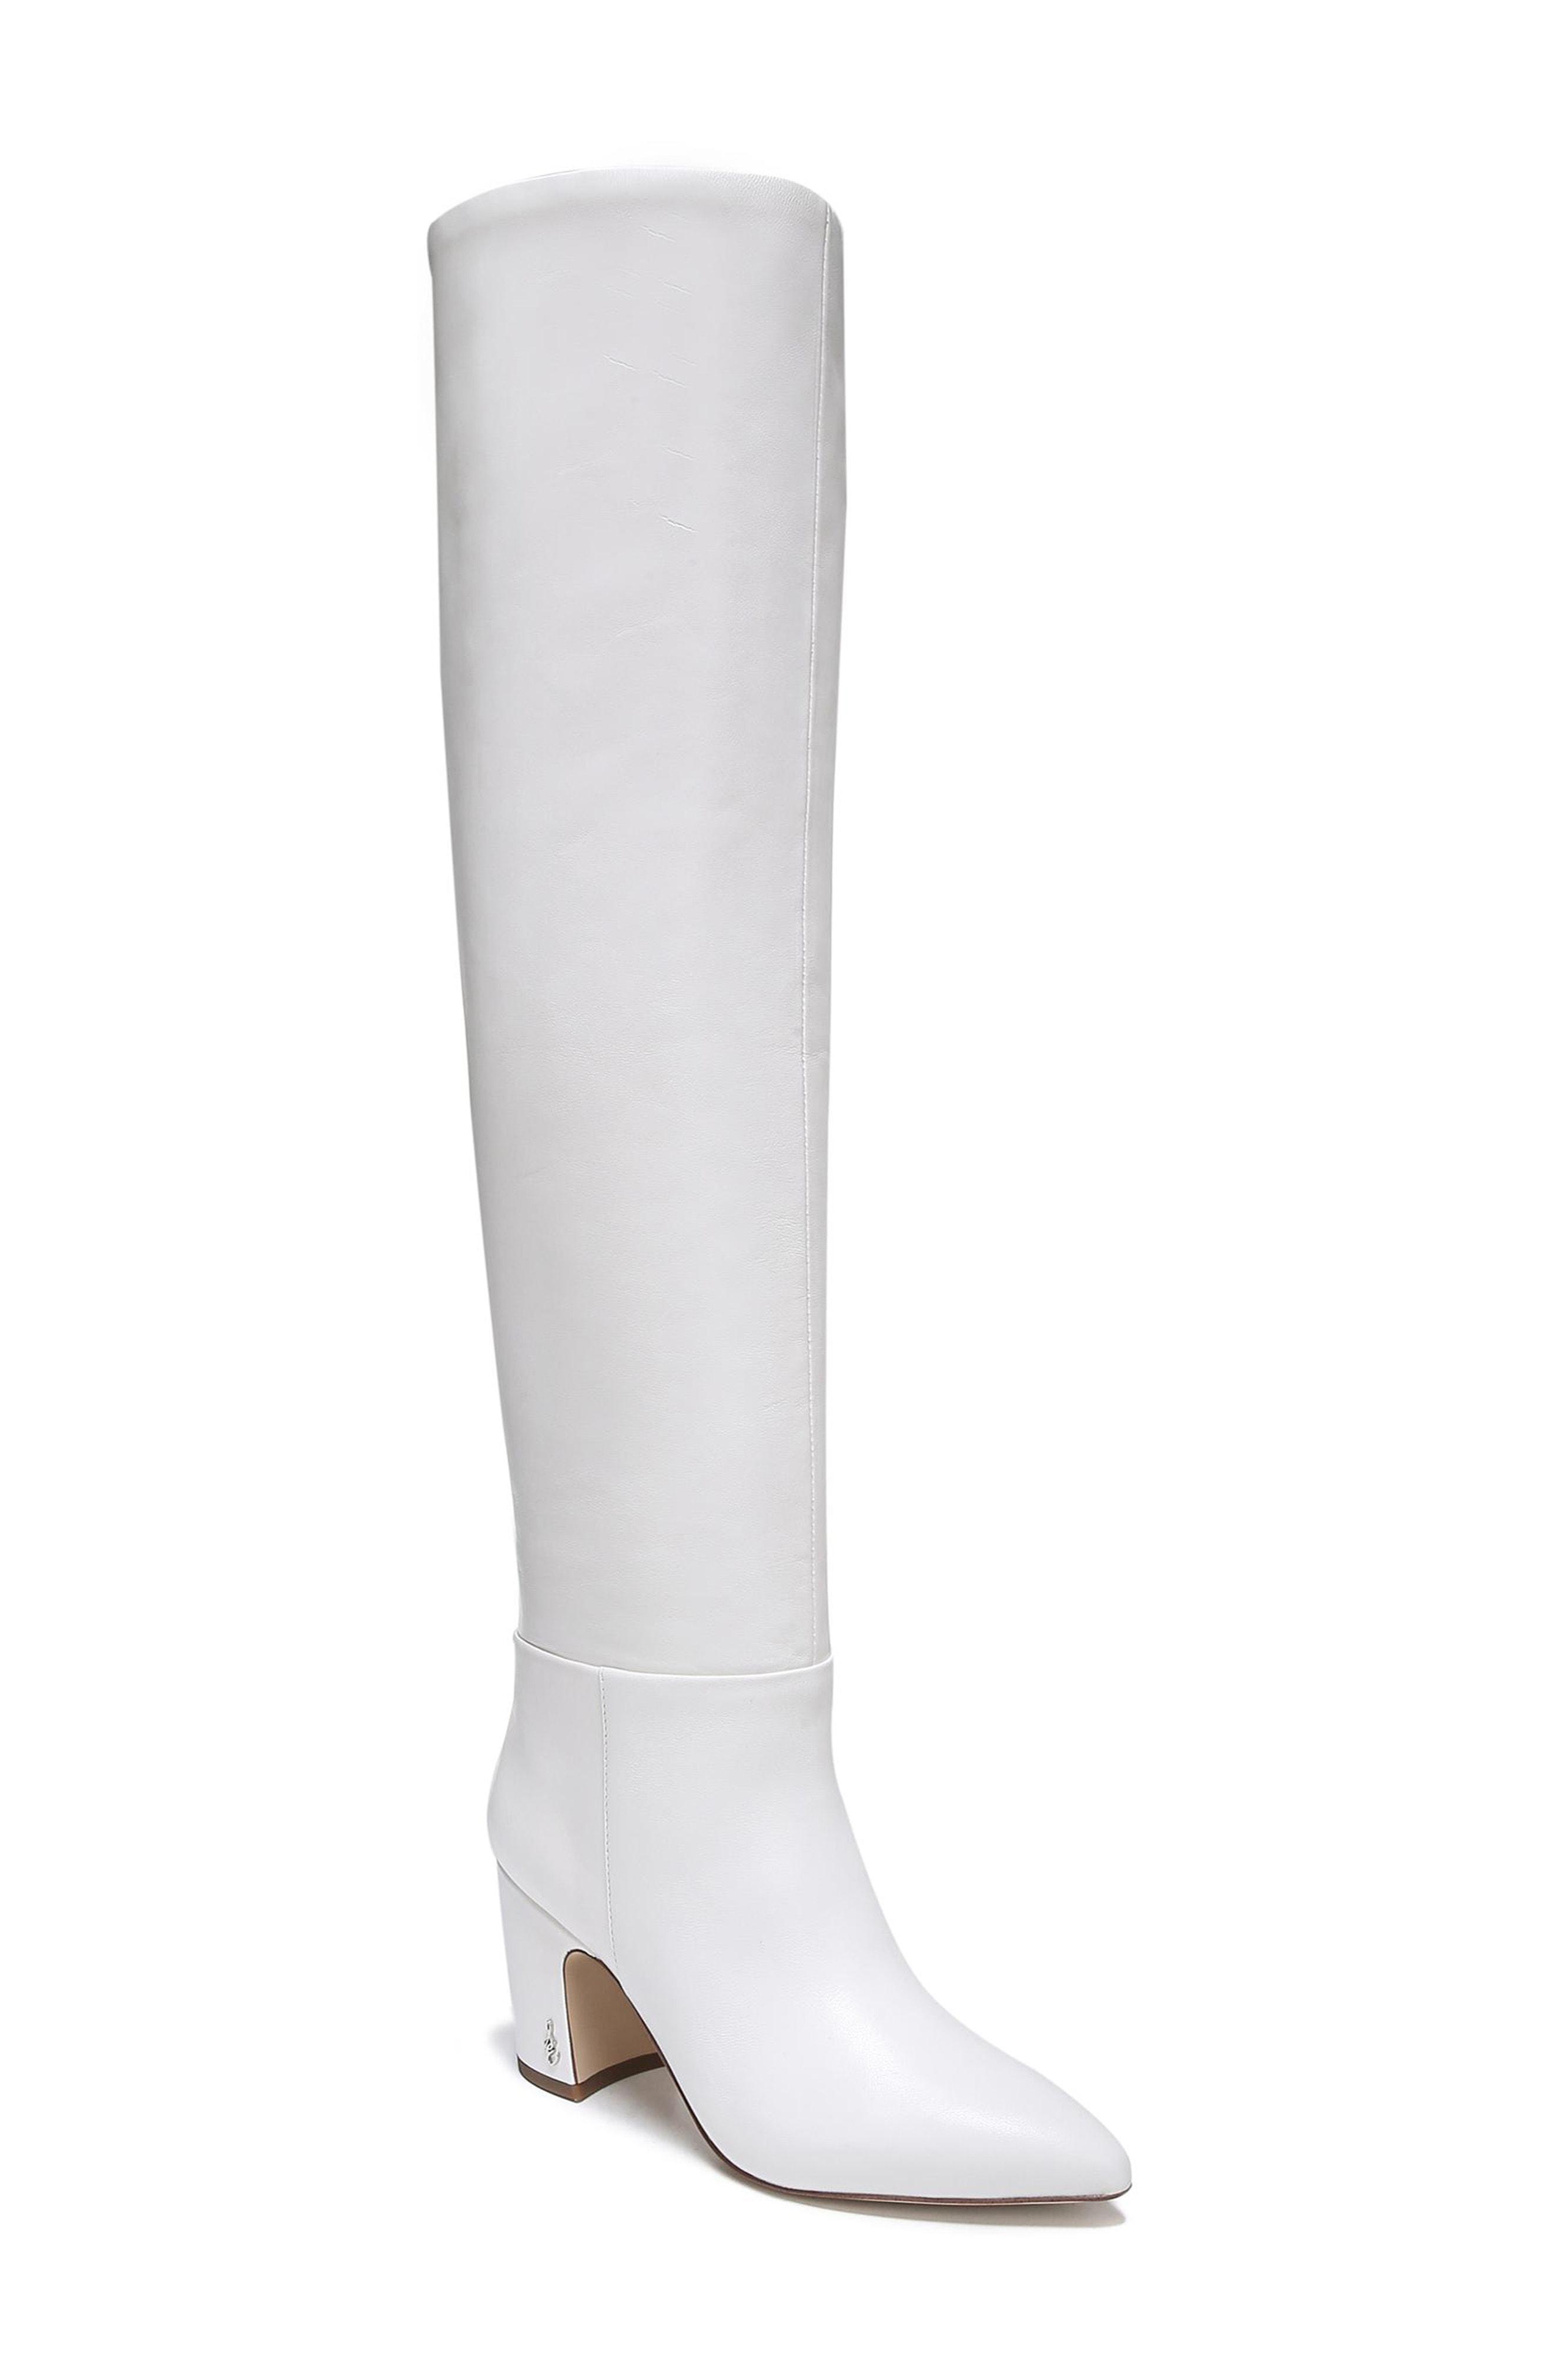 Sam Edelman Hutton Leather Boot in